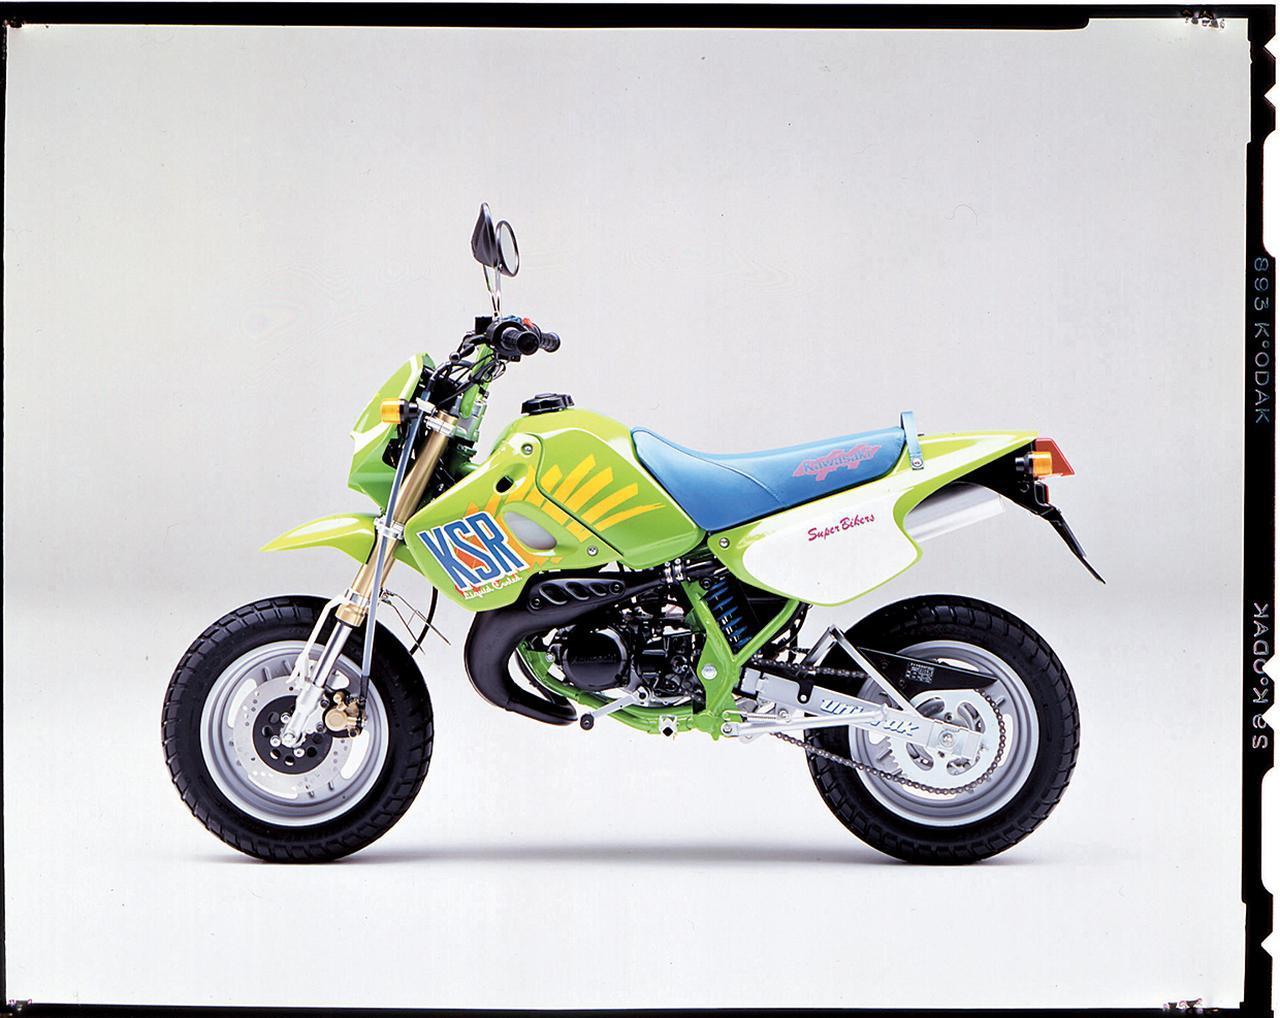 画像: 1990/3 KAWASAKI KSR-I ●水冷2スト・ピストンリードバルブ単気筒●49㏄ ●7.2PS/8000rpm●0.65㎏-m/7000rpm●77㎏ ●100-90-12・100/90-12●23万3000円